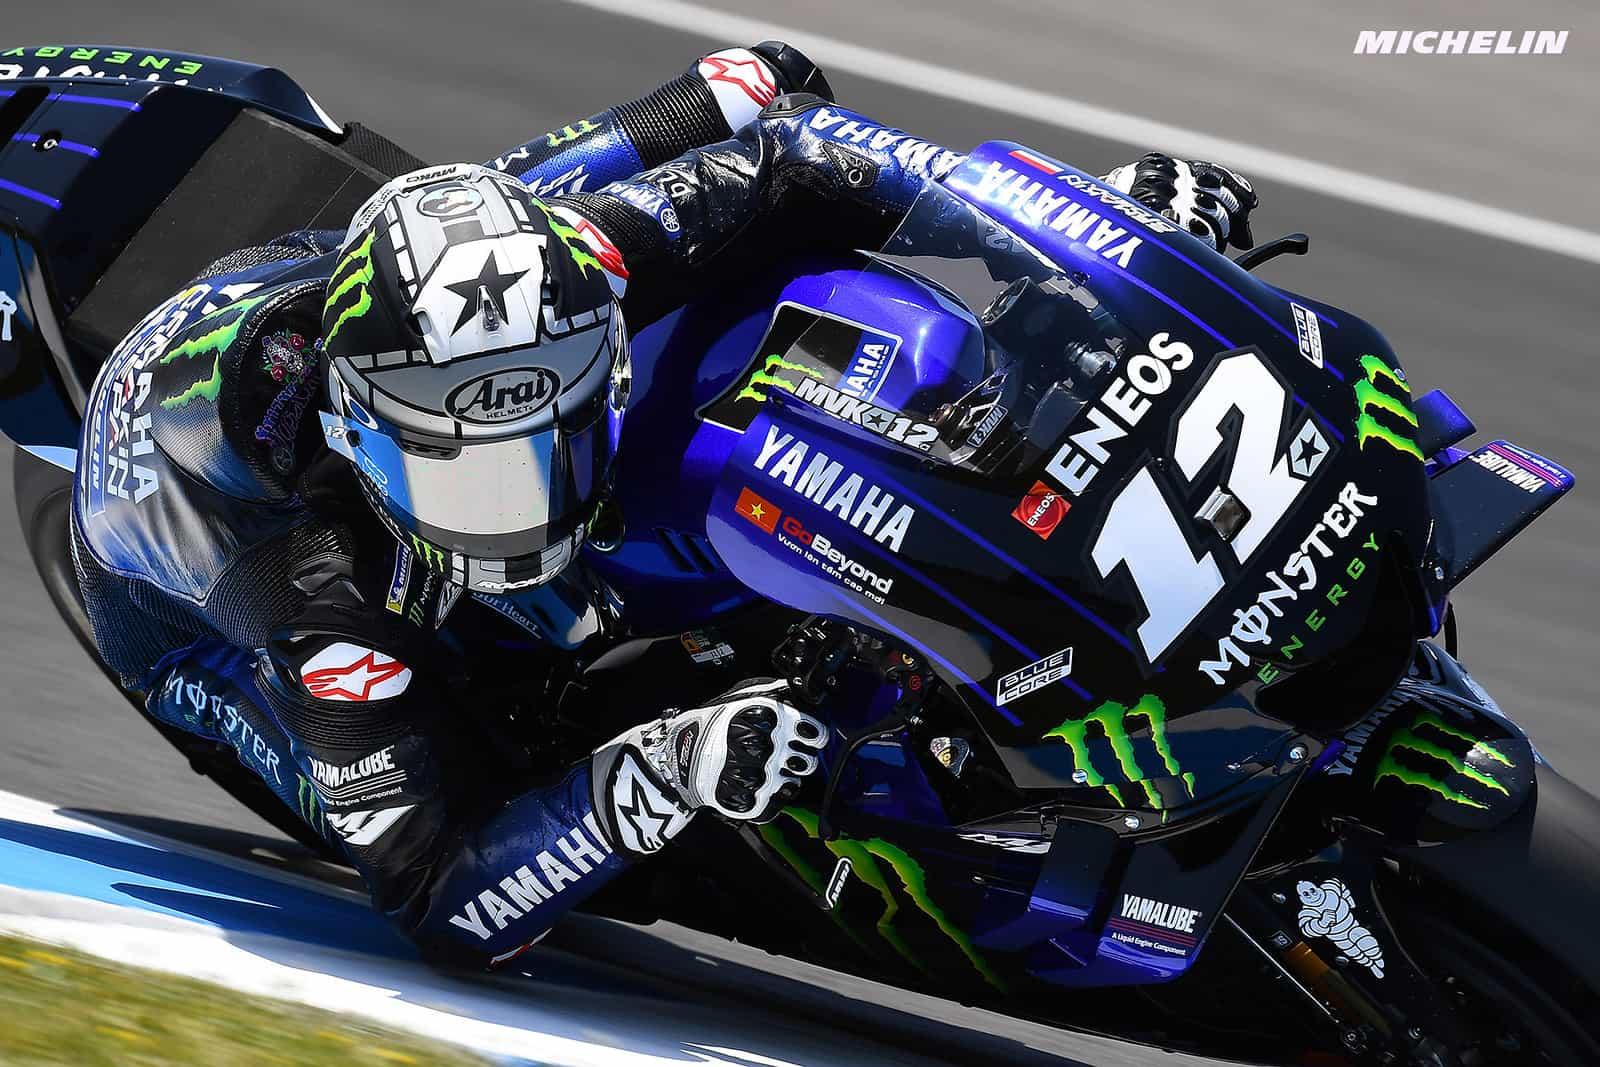 MotoGP2019ヘレスGP 予選5位ビニャーレス「良い形でのスタートが重要になる」